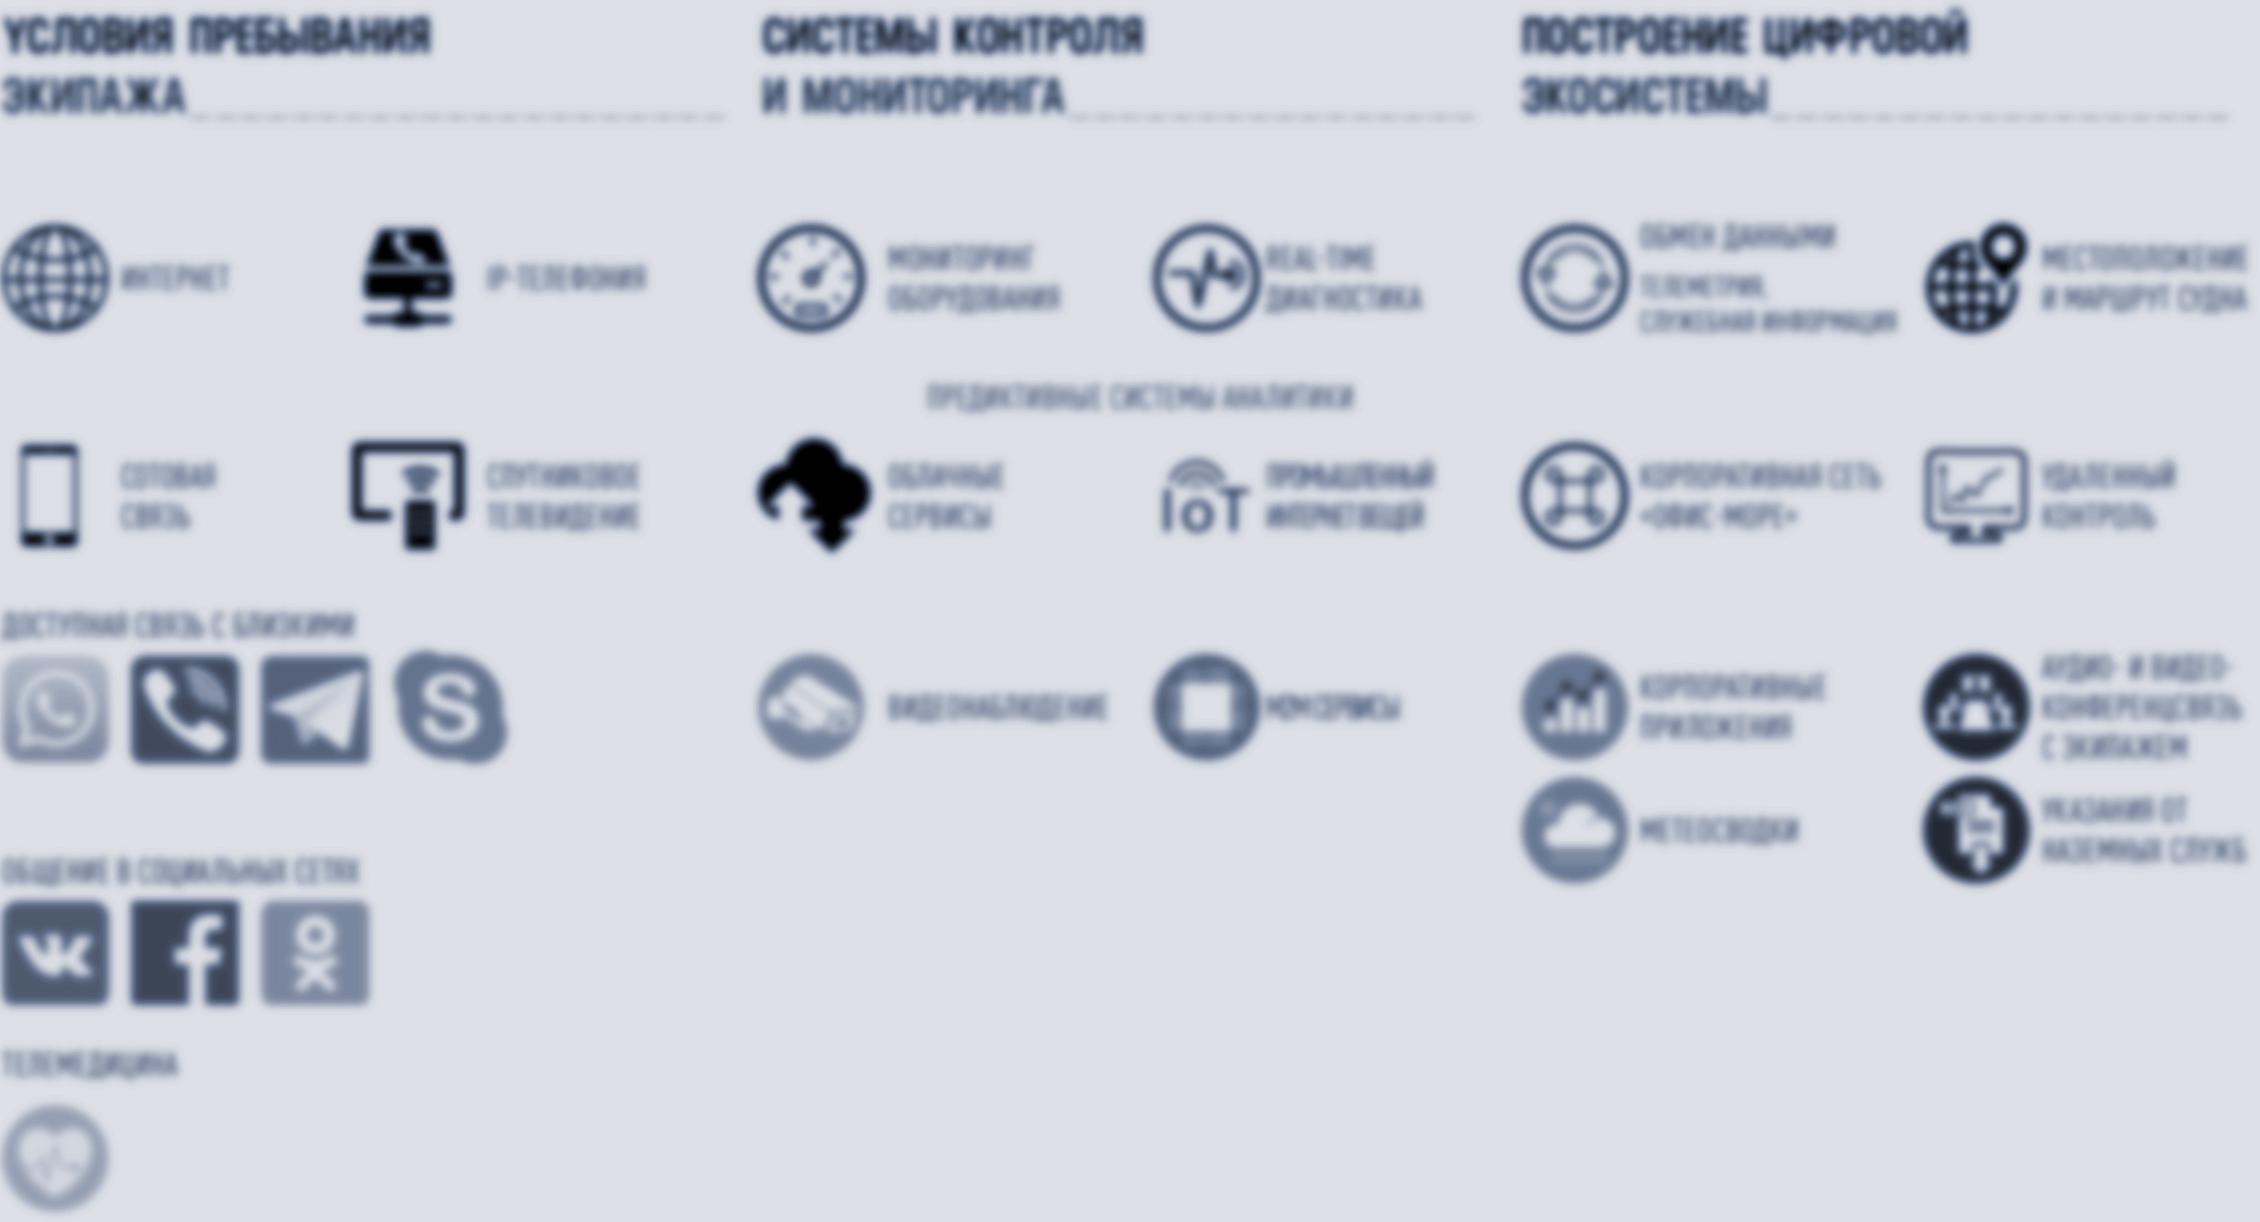 Altegro-Catalog_морской-VSAT_140120-1 (1)